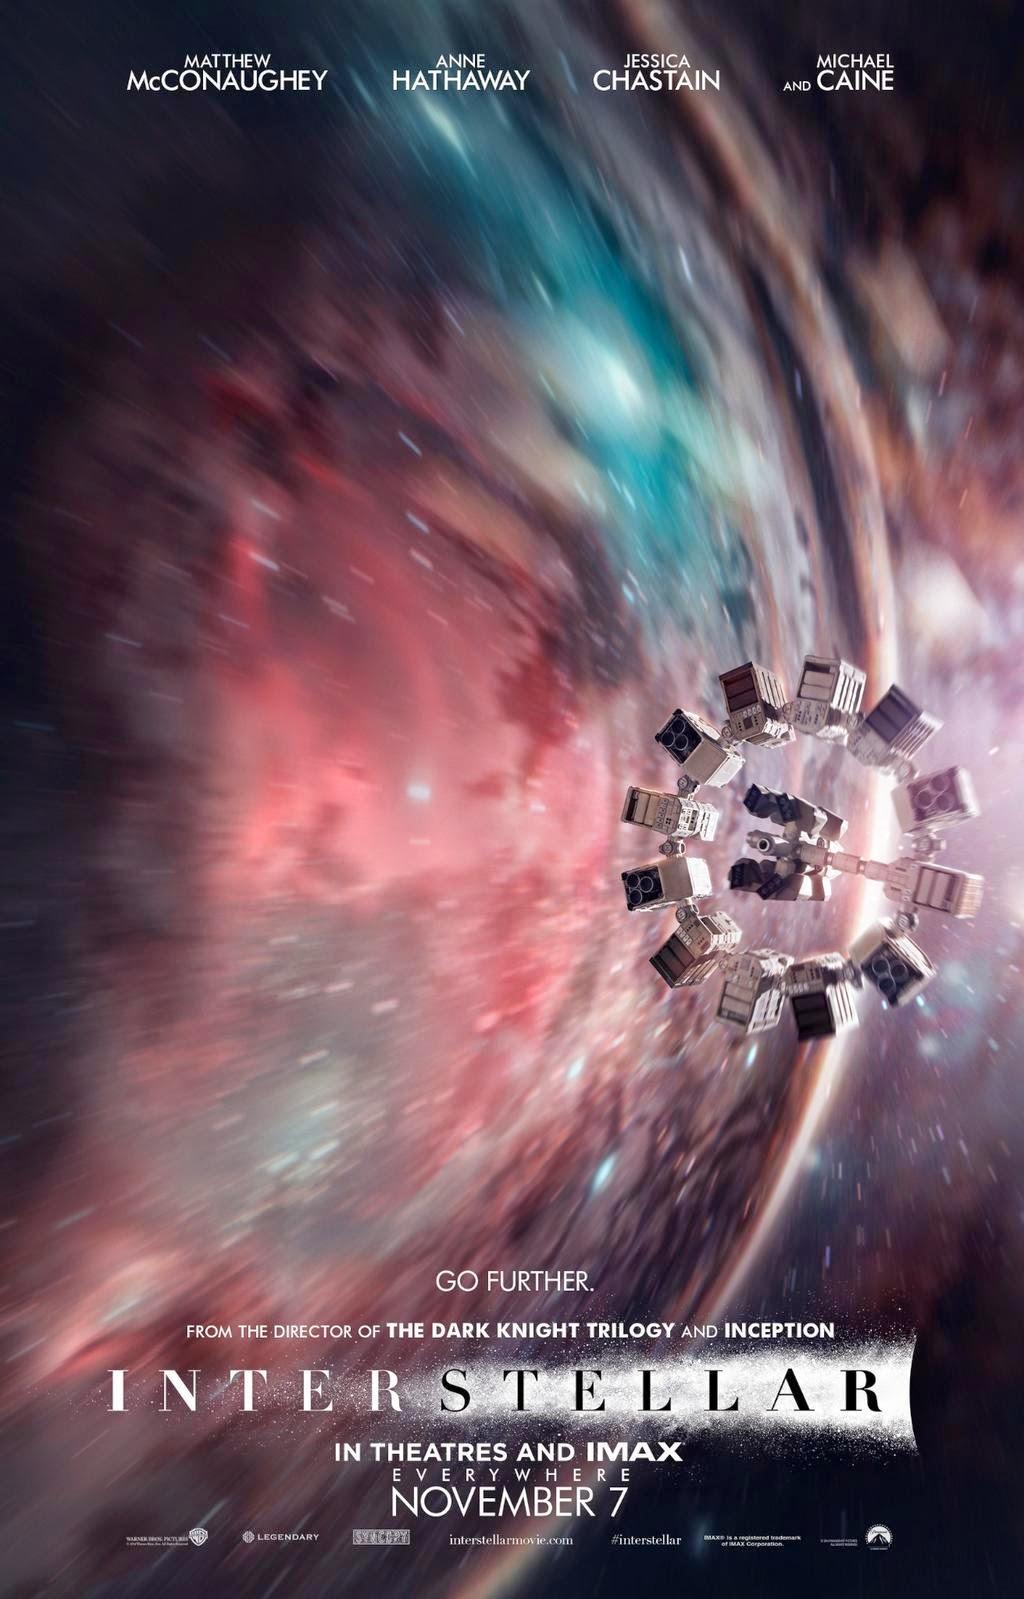 Interstellar - oczekiwania przed polską premierą filmu